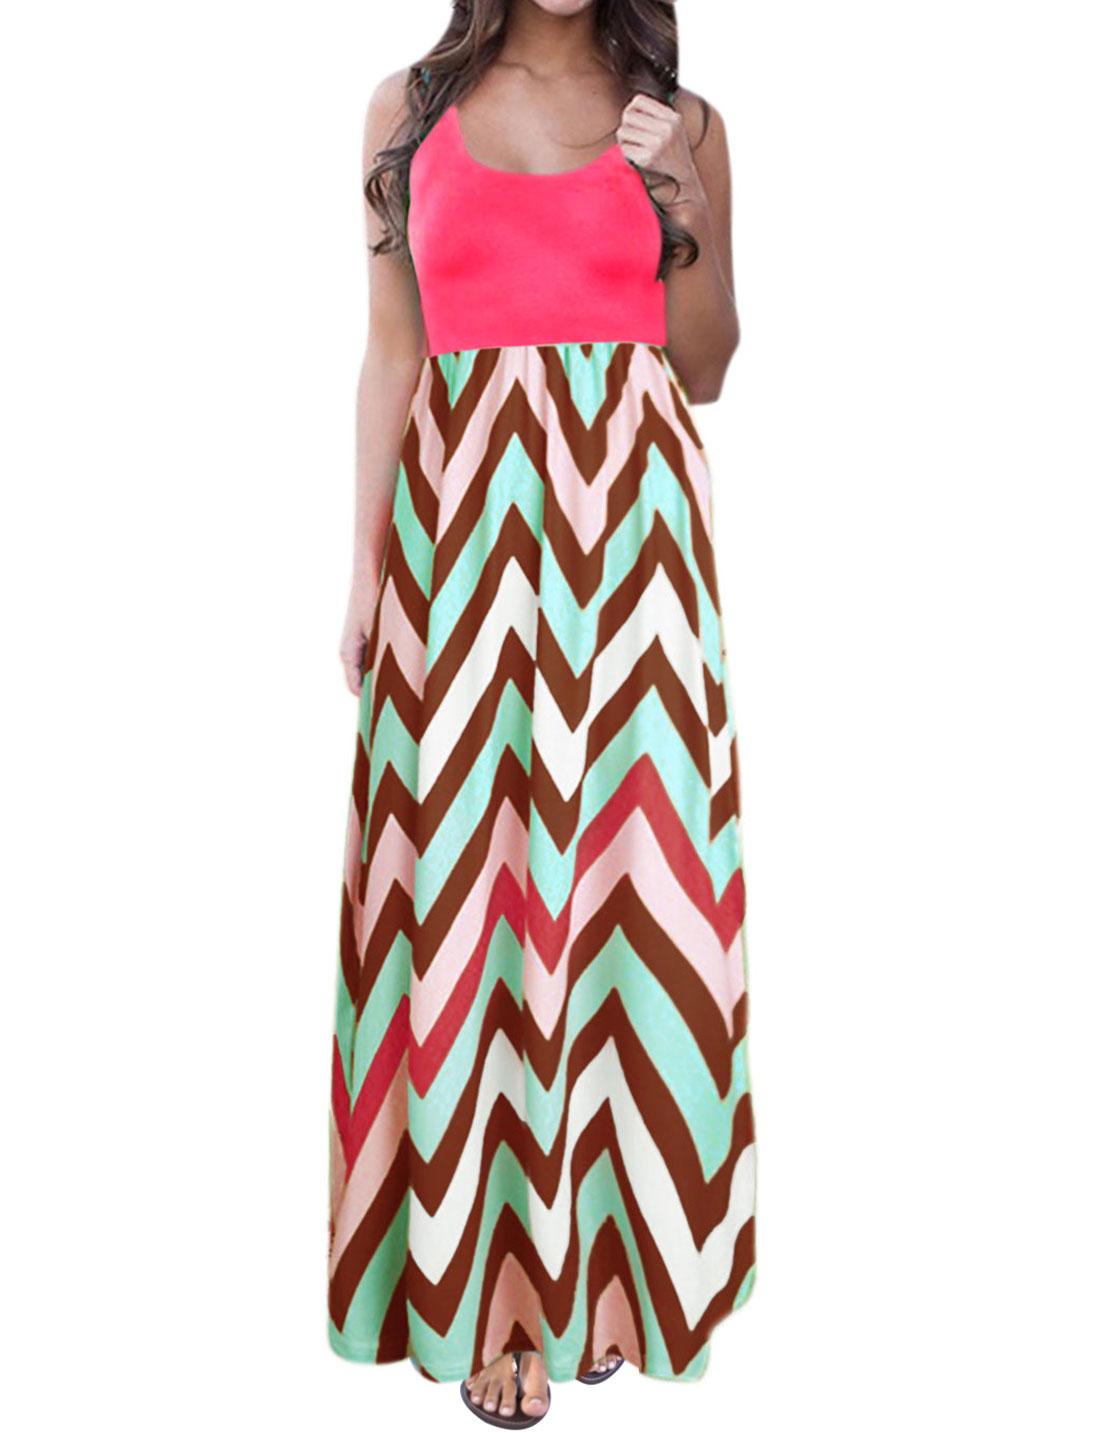 Women Sleeveless Scoop Neck Empire Waist Chevron Maxi Dress Hot Pink L